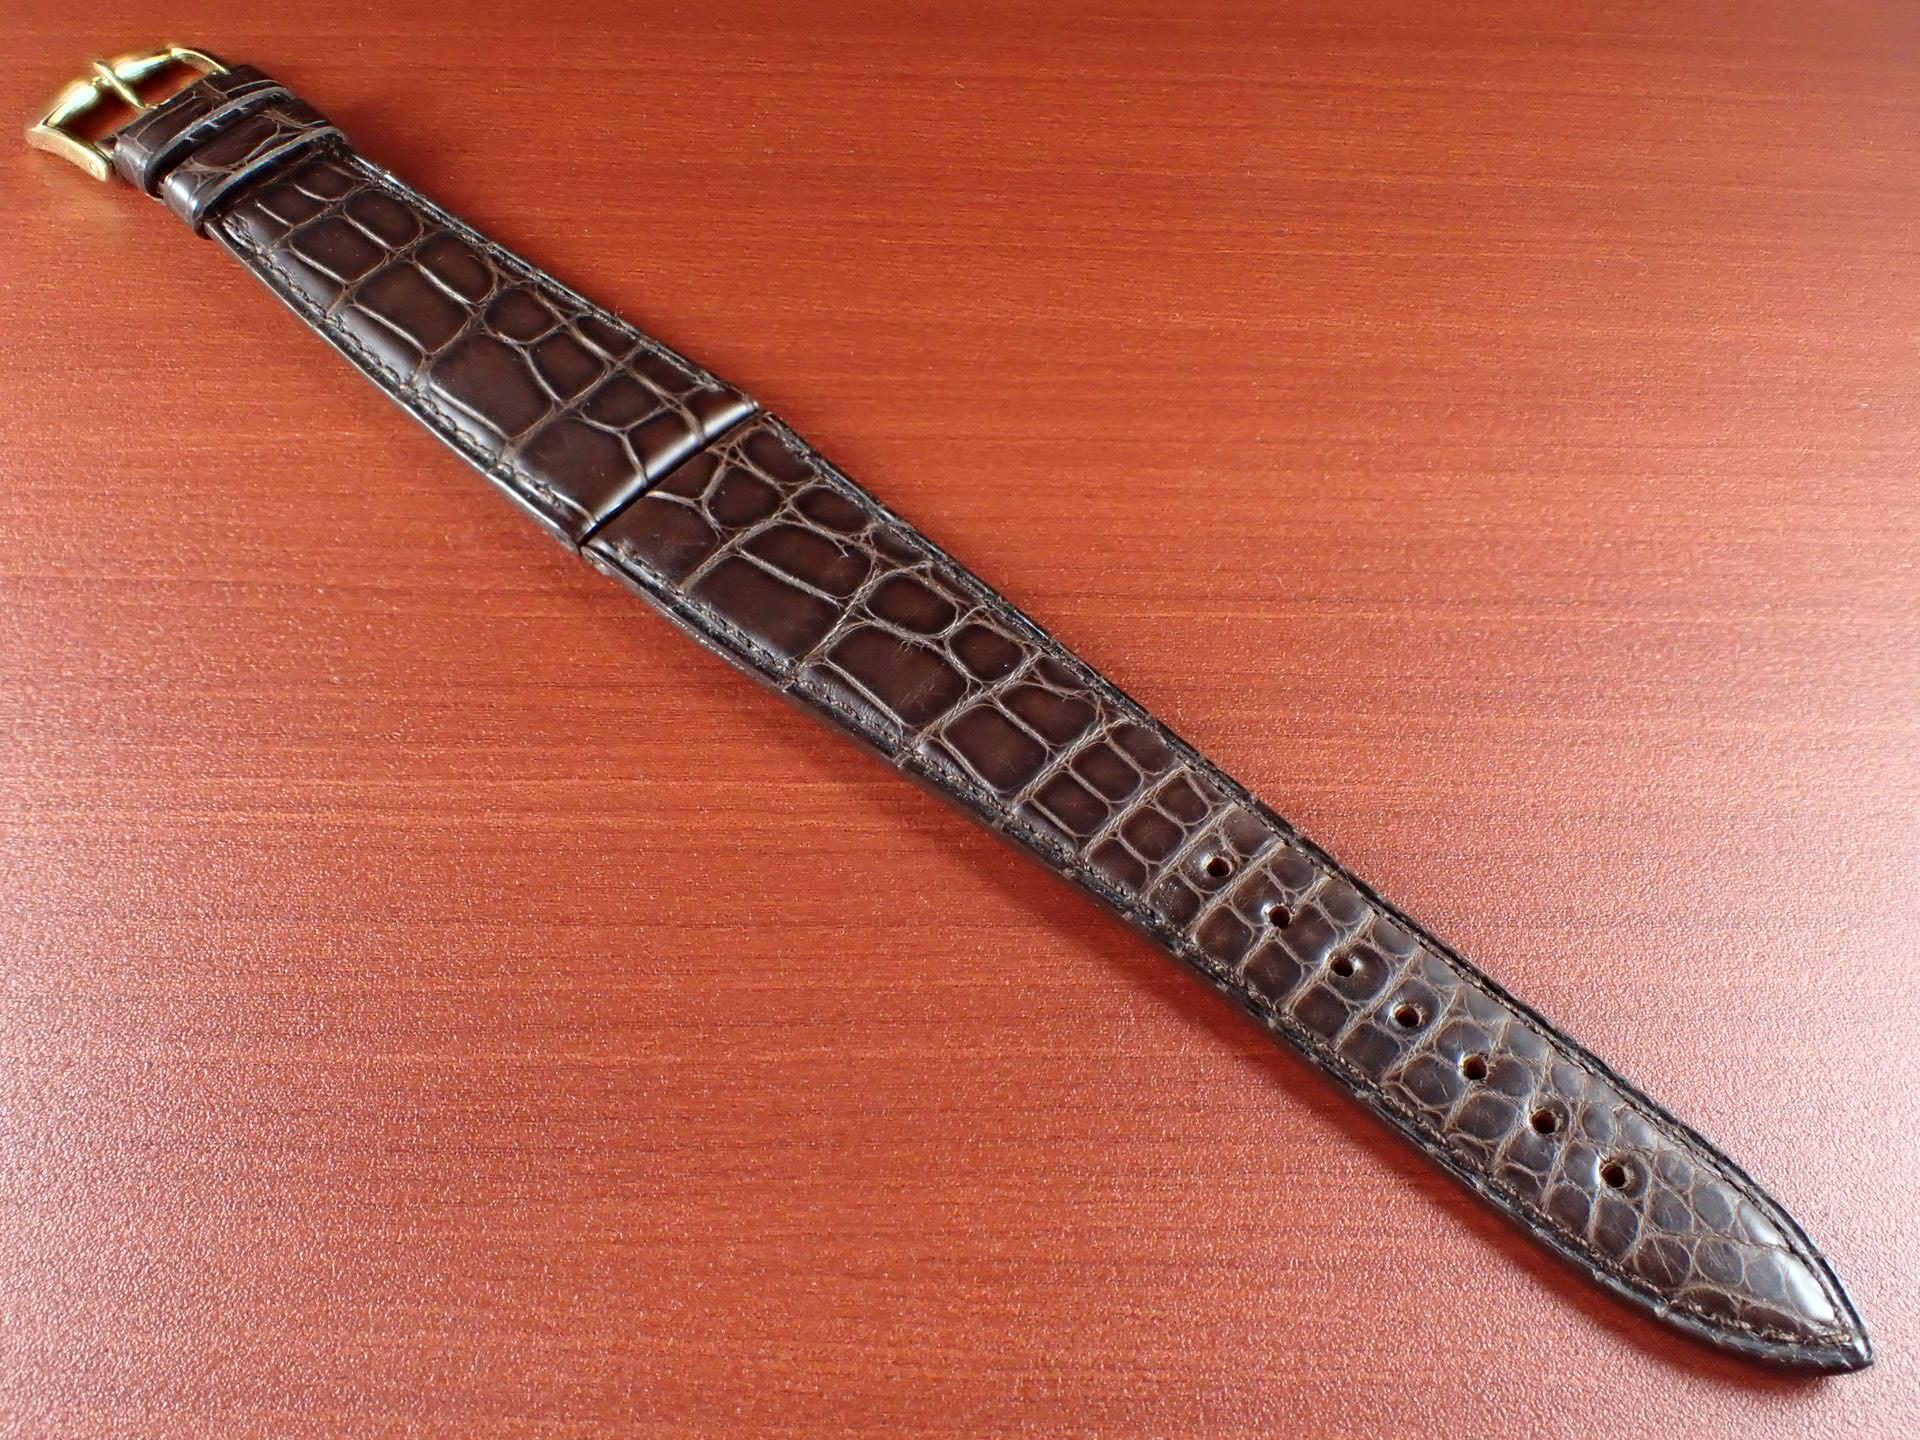 ジャン・クロード ペラン革ベルト(オールドペラン)クロコダイル ダークブラウン 22mmのメイン写真